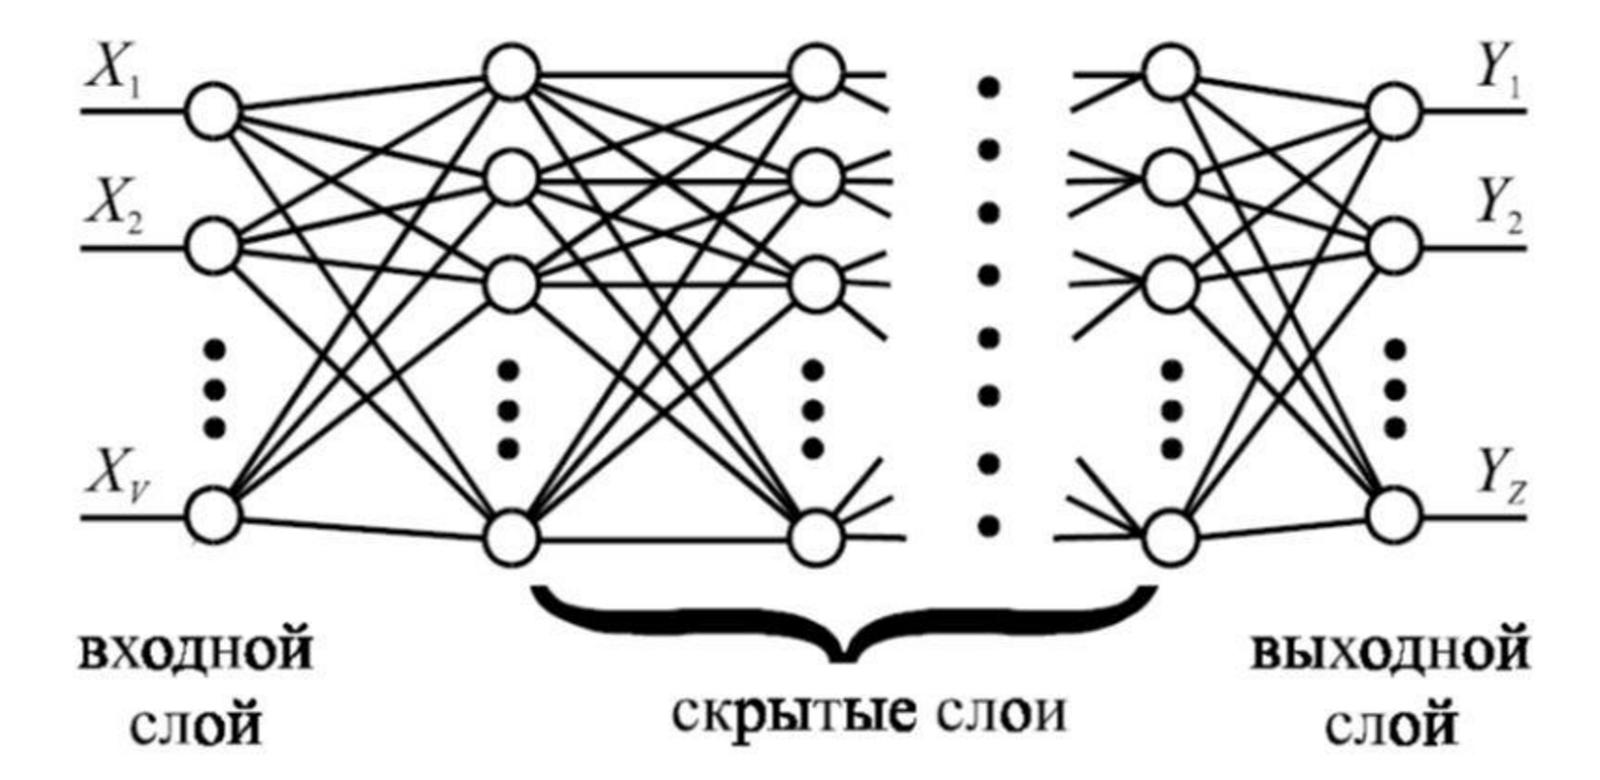 Логика сознания. Часть 6. Кора мозга как пространство вычисления смыслов - 8